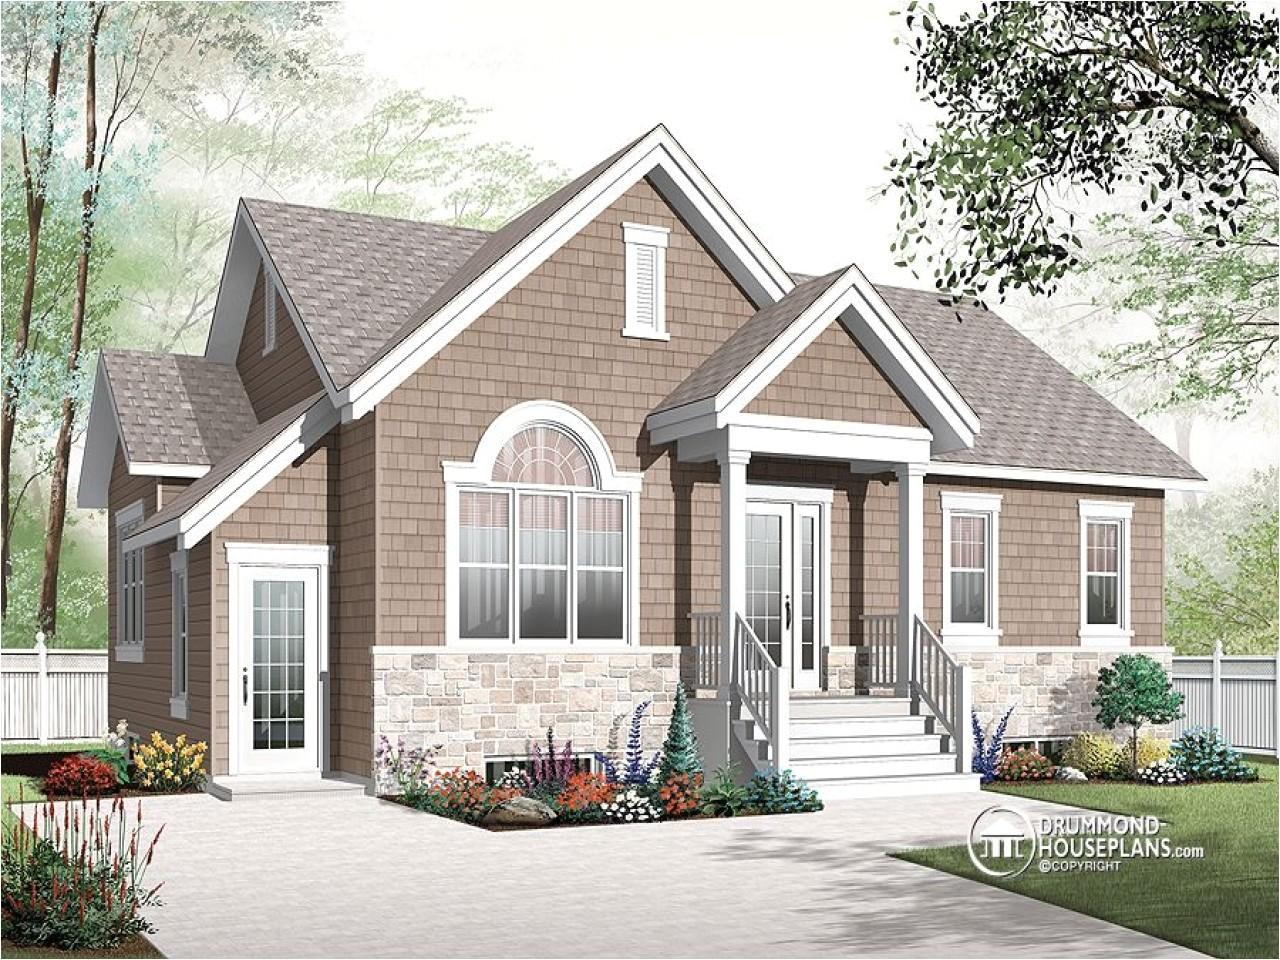 2a42ef344141c66d house plans with basement apartment craftsman house plans with basement